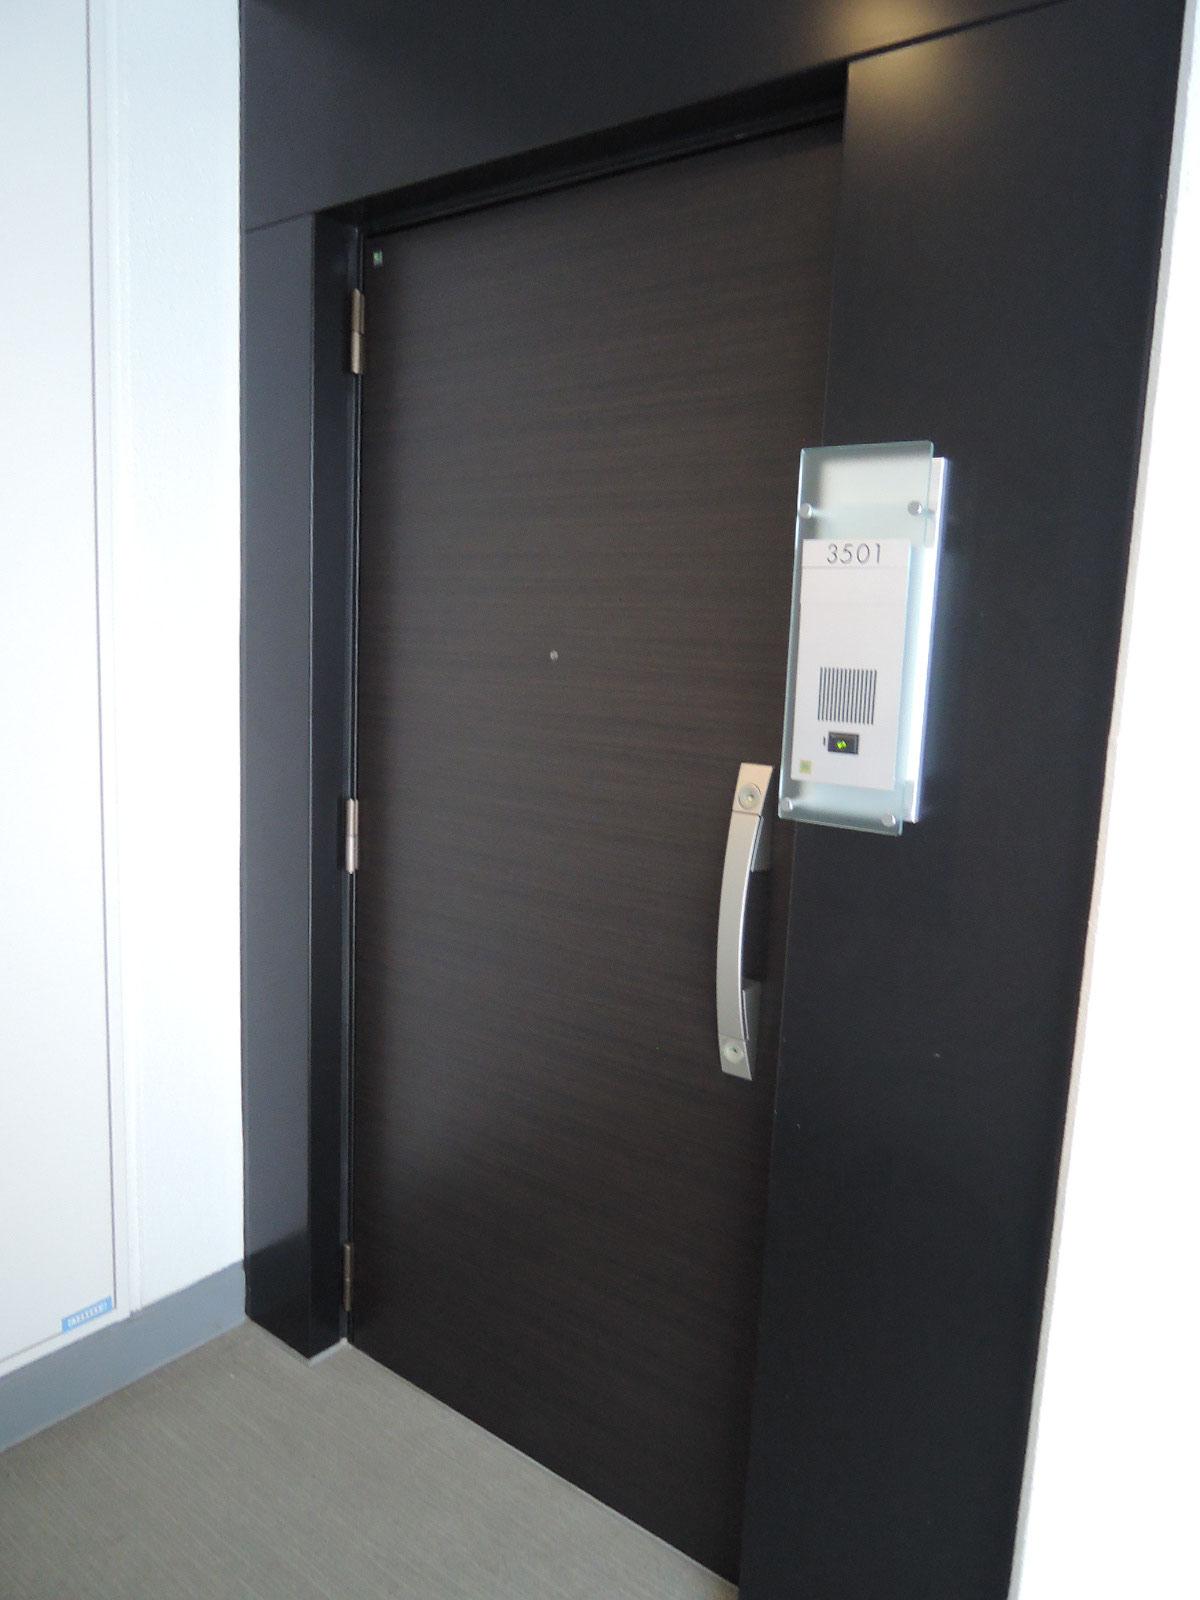 プッシュプルハンドル玄関ドア。ダブルロック。耐震ドア枠